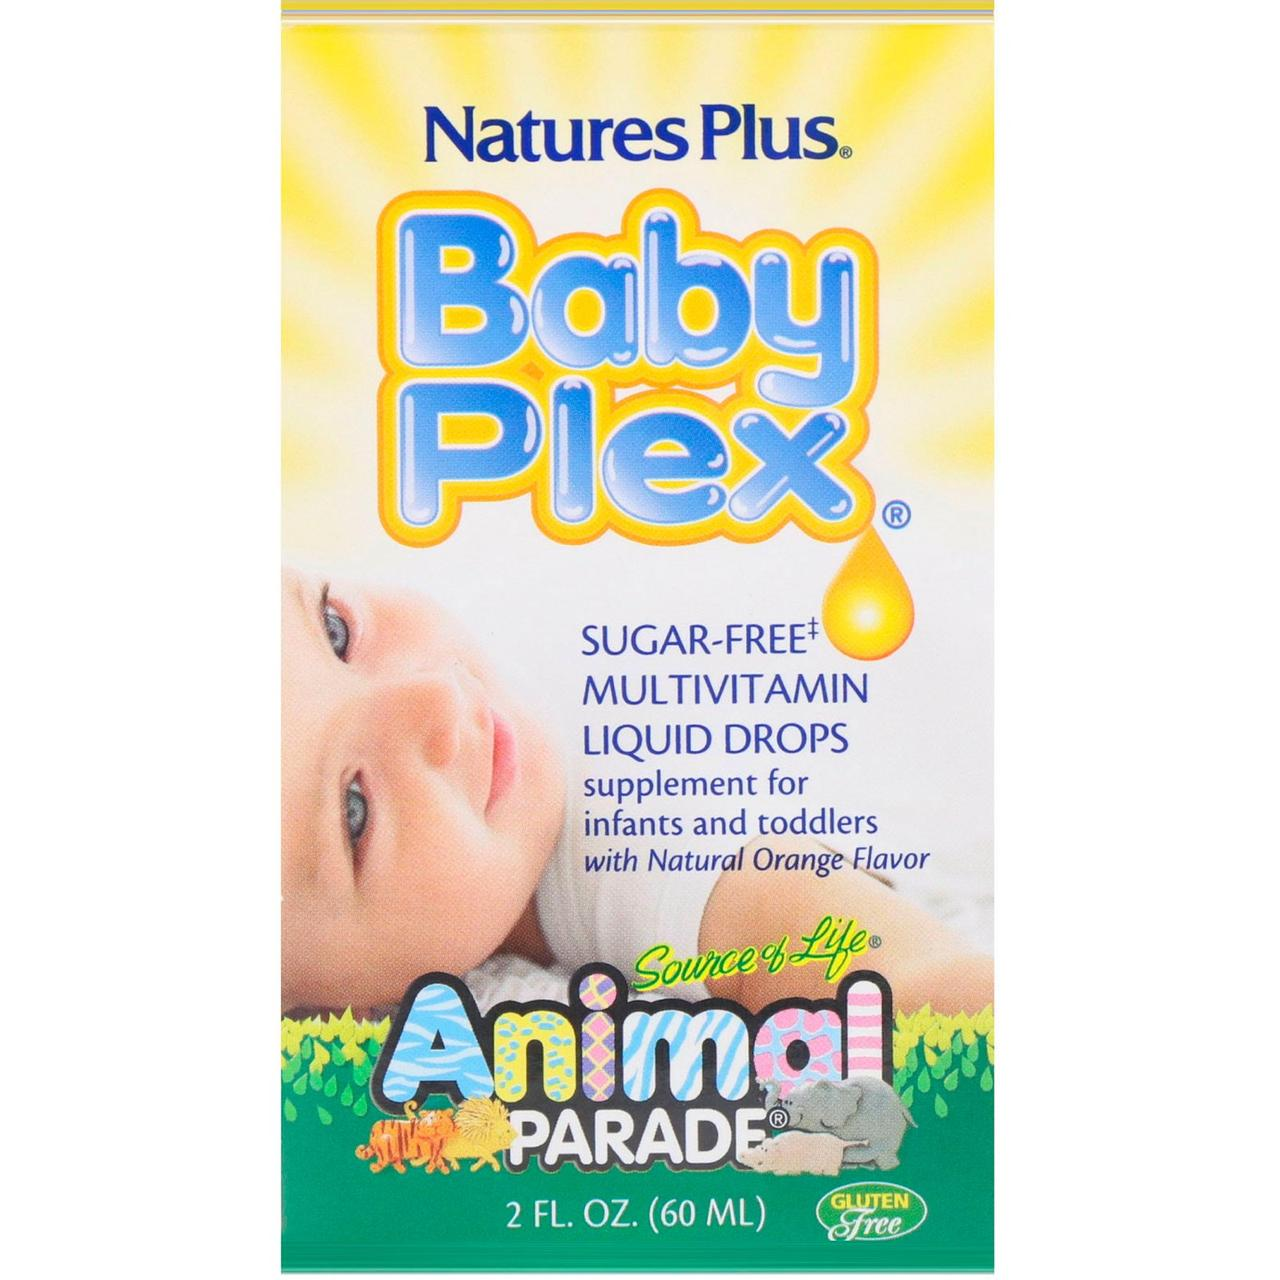 Nature's Plus, Source of Life, Animal Parade, Baby Plex, жидкие мультивитаминные капли без сахара, с натуральным вкусом апельсина, 2 жидкие унции (60